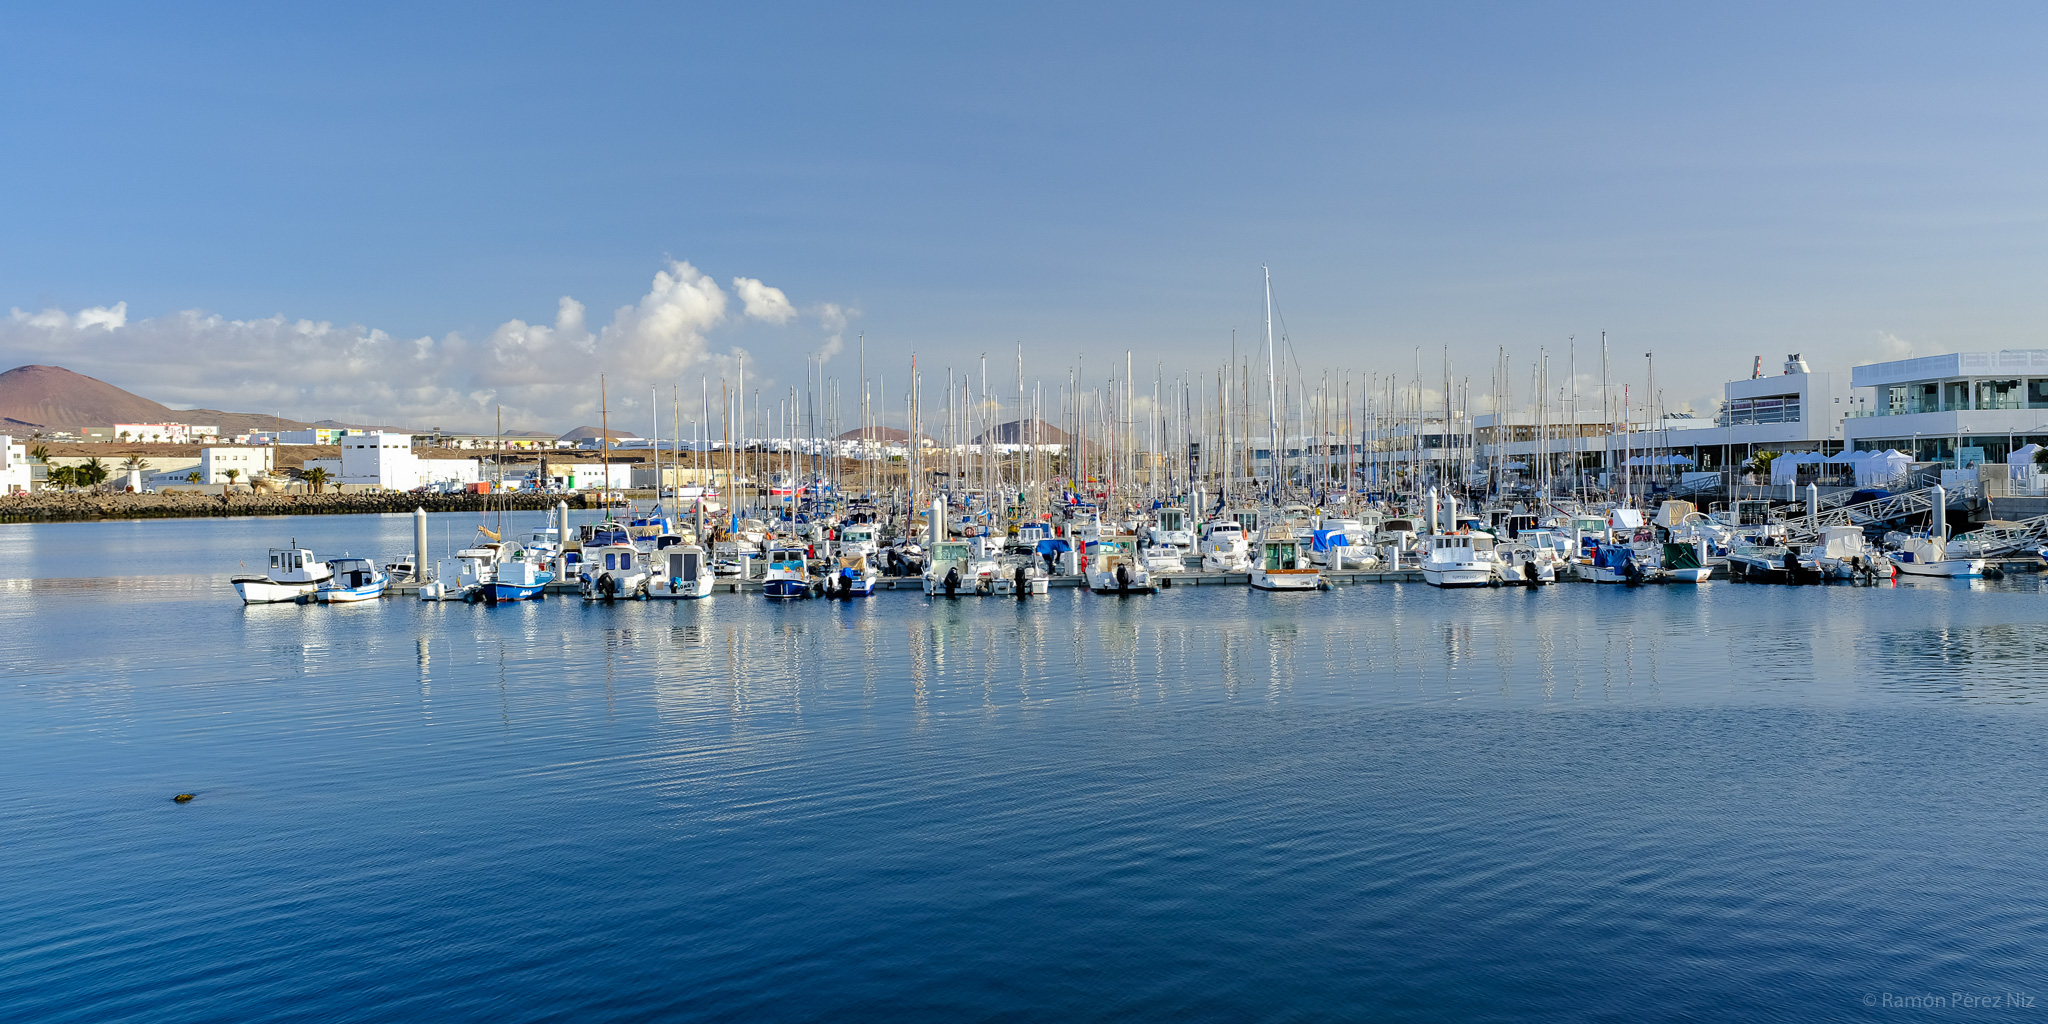 Barcos en Marina Lanzarote, Puerto de Naos, Arrecife.